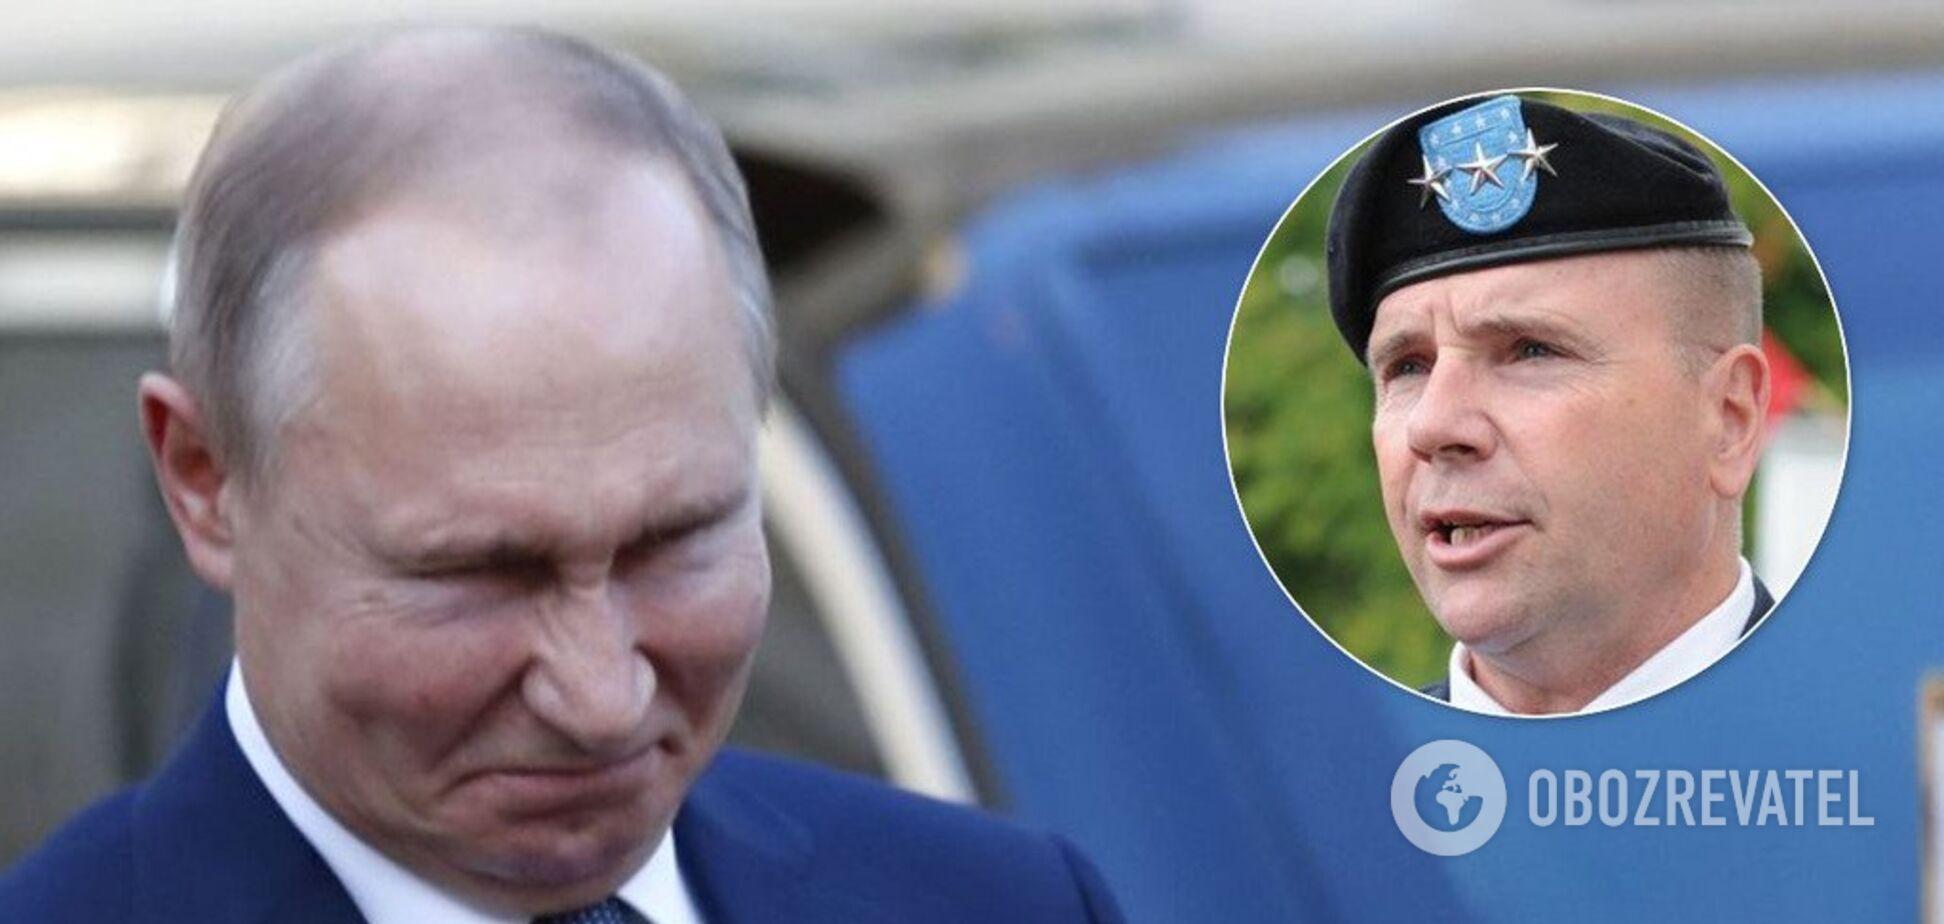 'До Екатерины ІІ России там не было!' Генерал США напомнил Путину исторический нюанс о Крыме